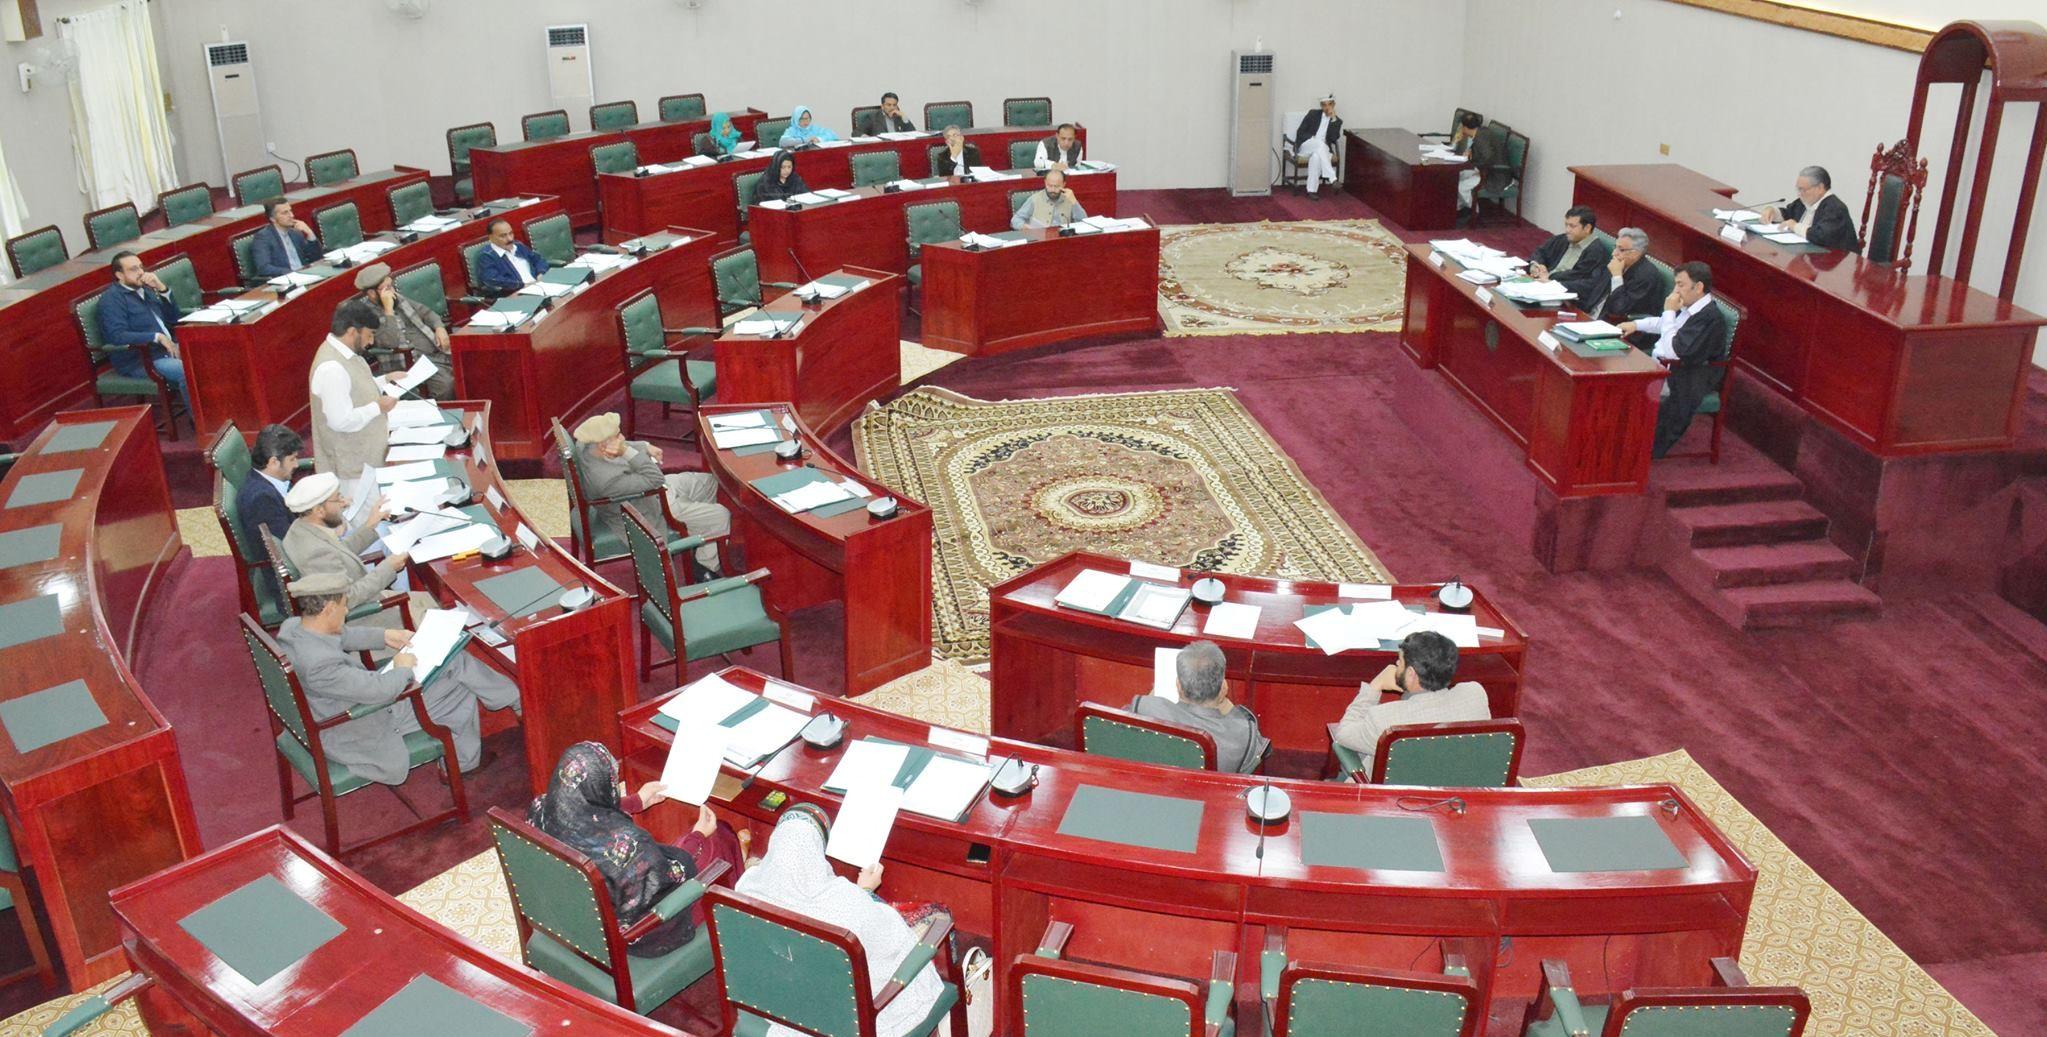 گورنرراجا حسین مقپون نے گلگت بلتستان اسمبلی کا 38 واں اجلاس 29 اپریل کو طلب کرلیا